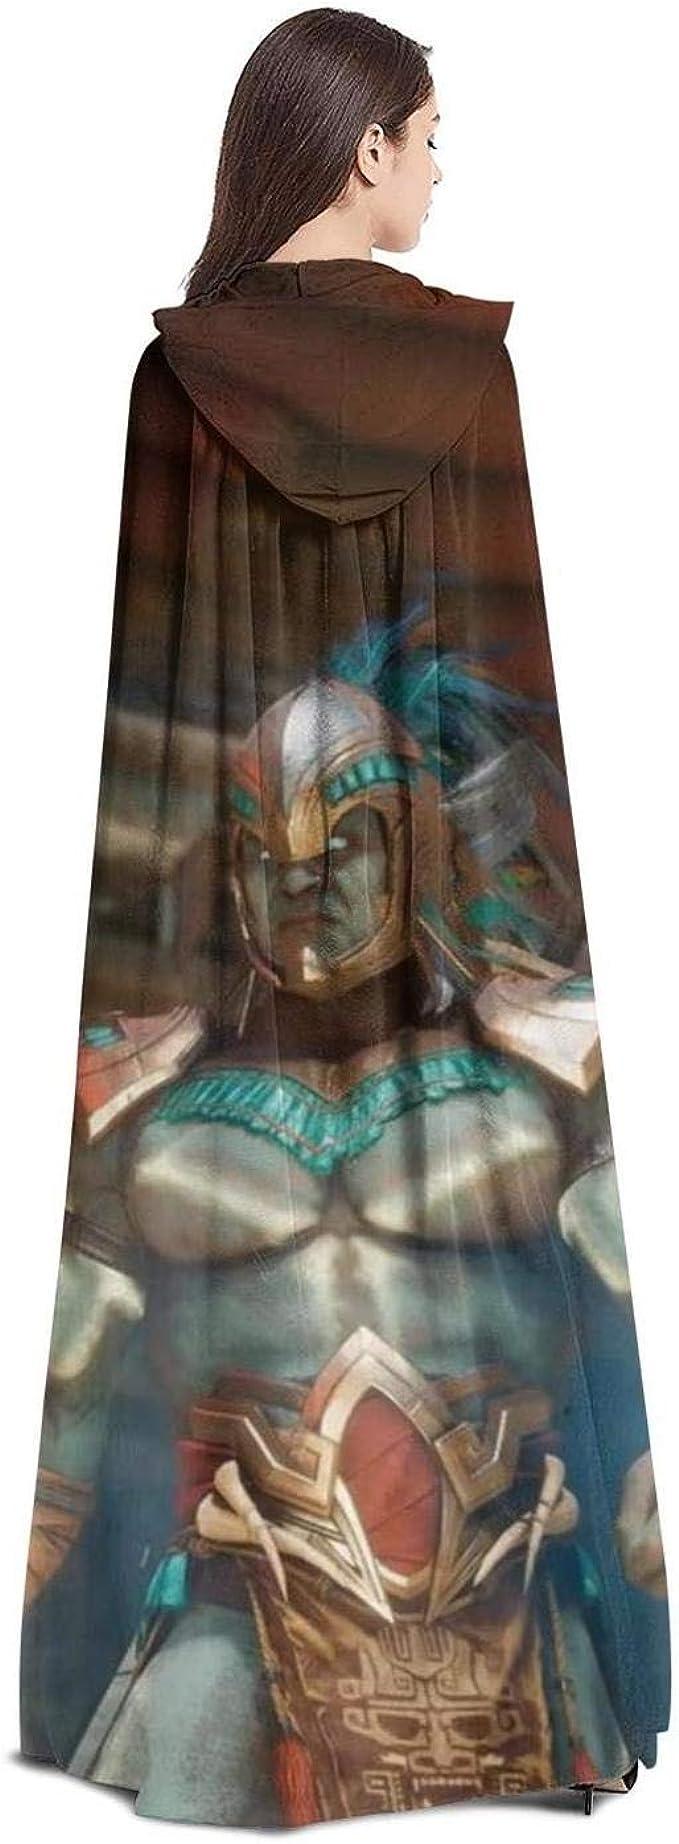 decorate your own superhero cape.htm amazon com mdcnsjee unisex cloak cape spooktacular mortal kombat  cloak cape spooktacular mortal kombat